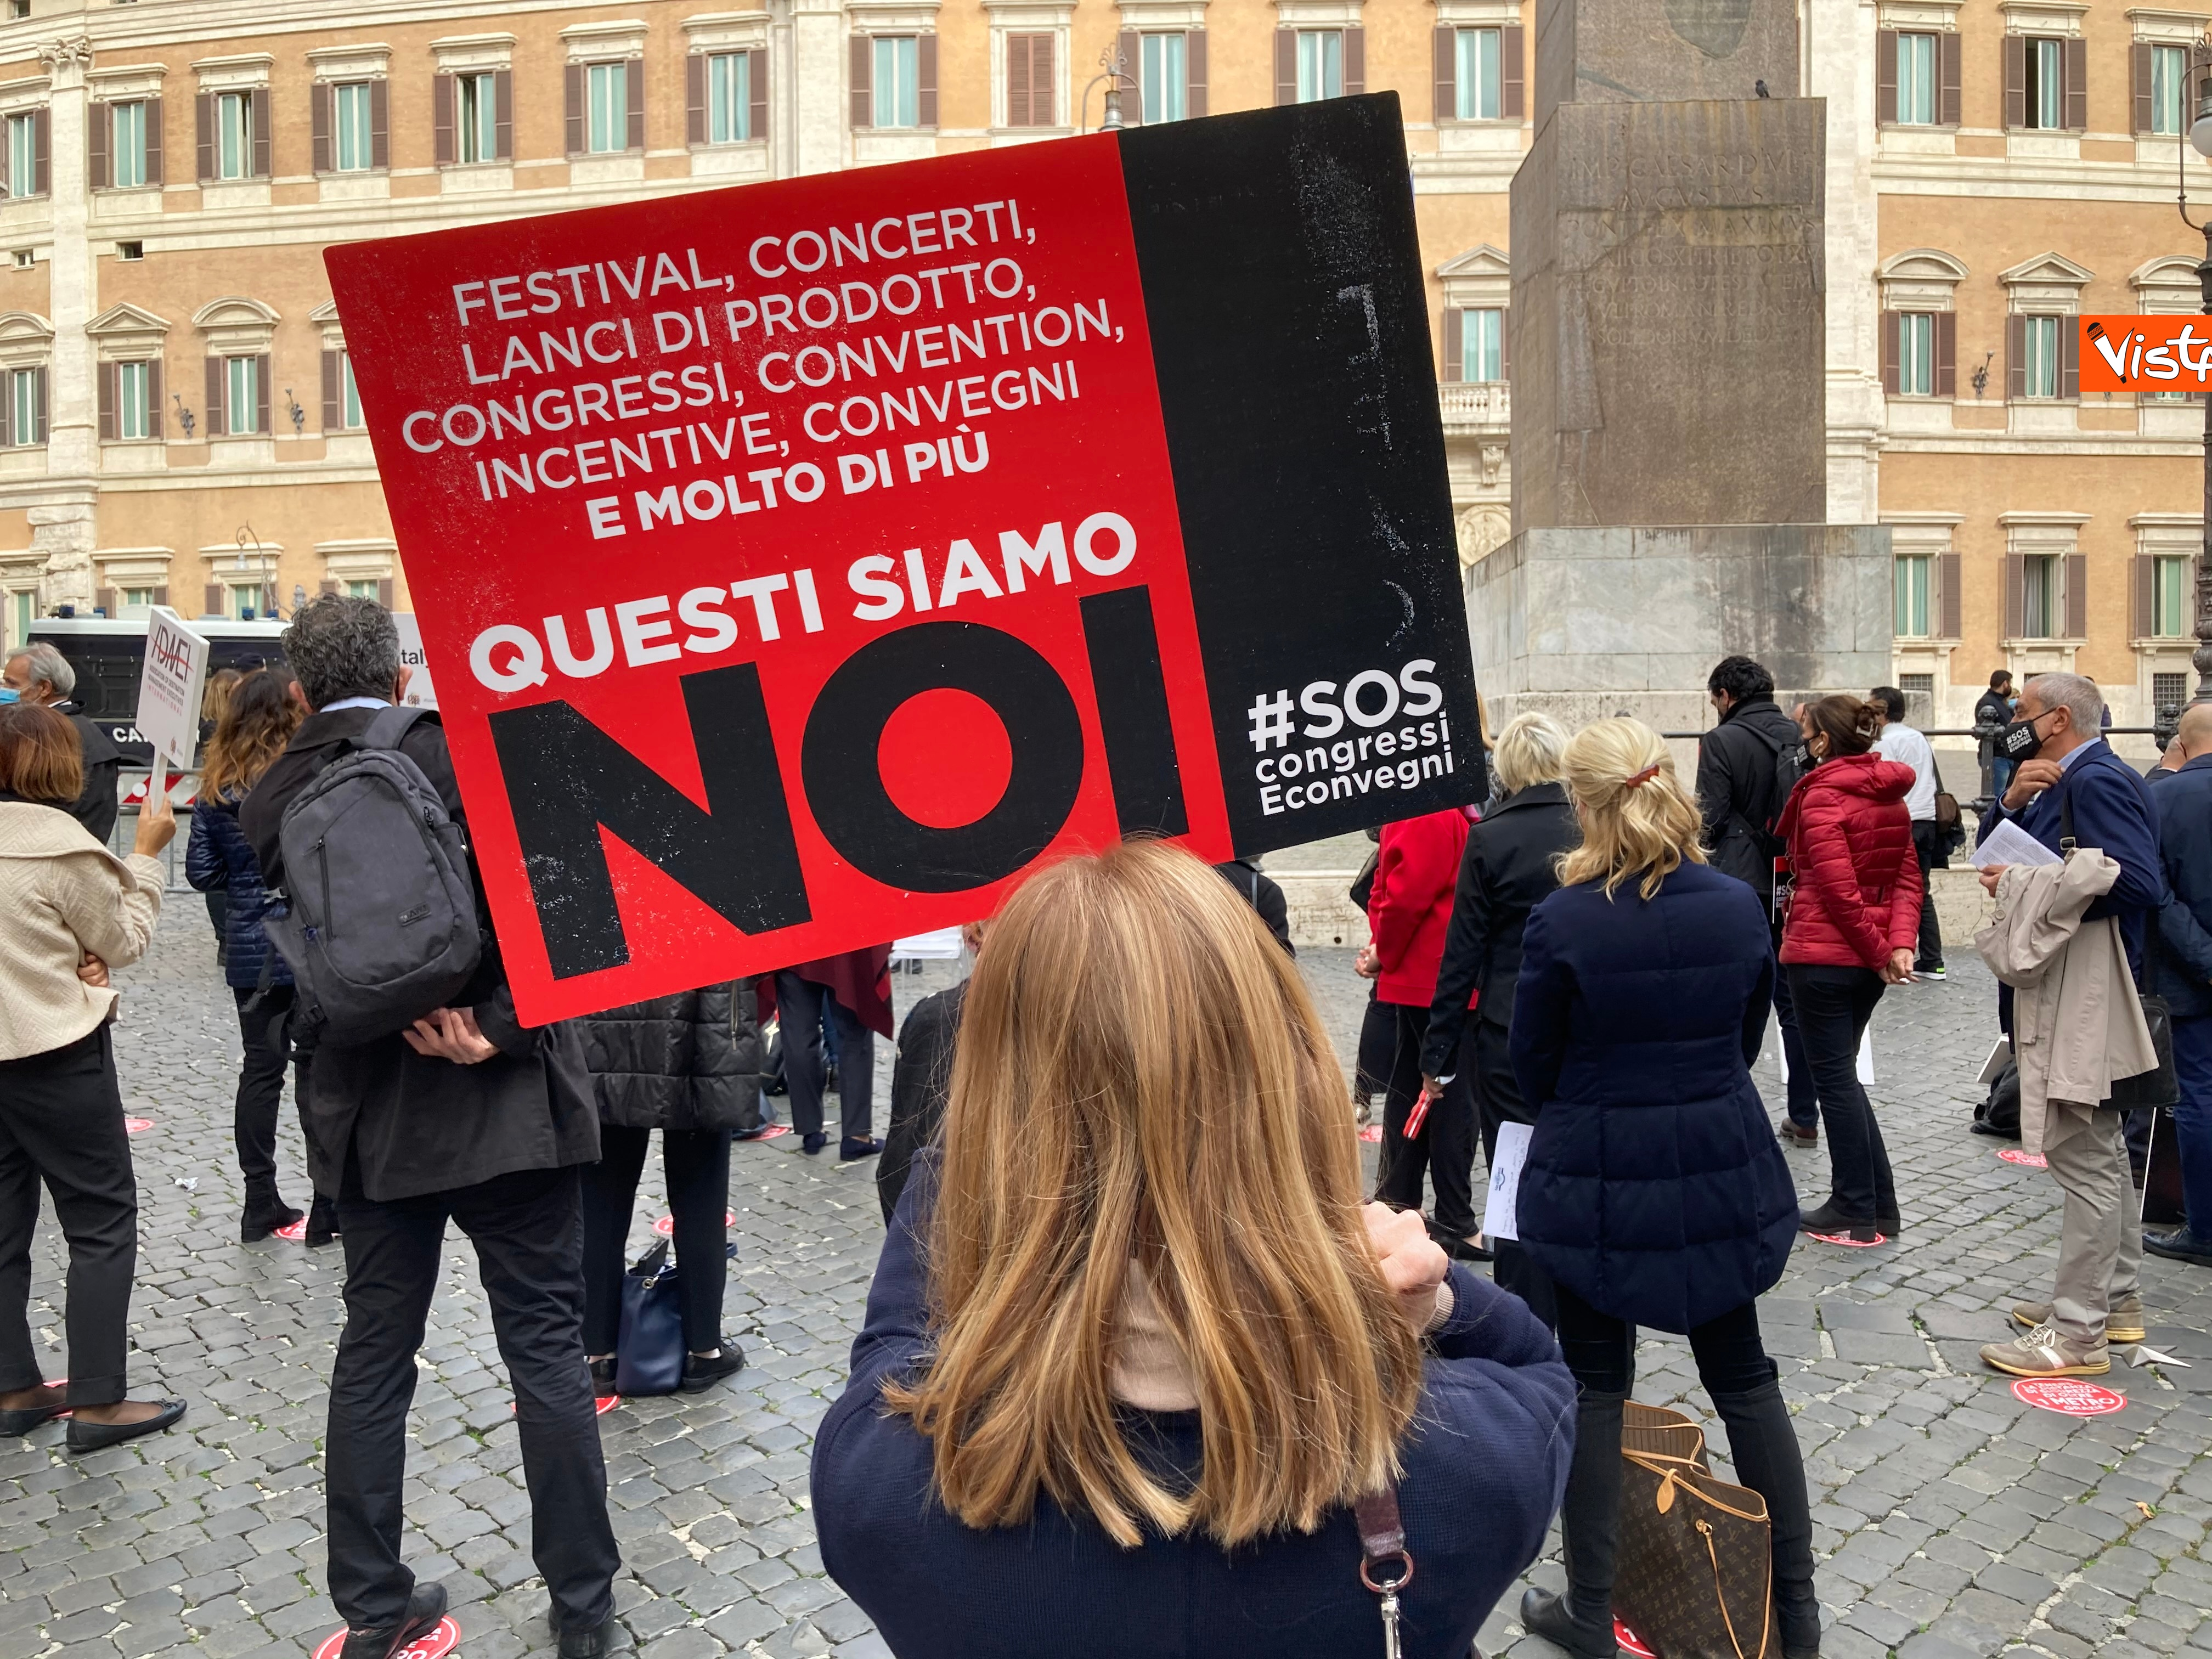 Cartellone di un manifestante